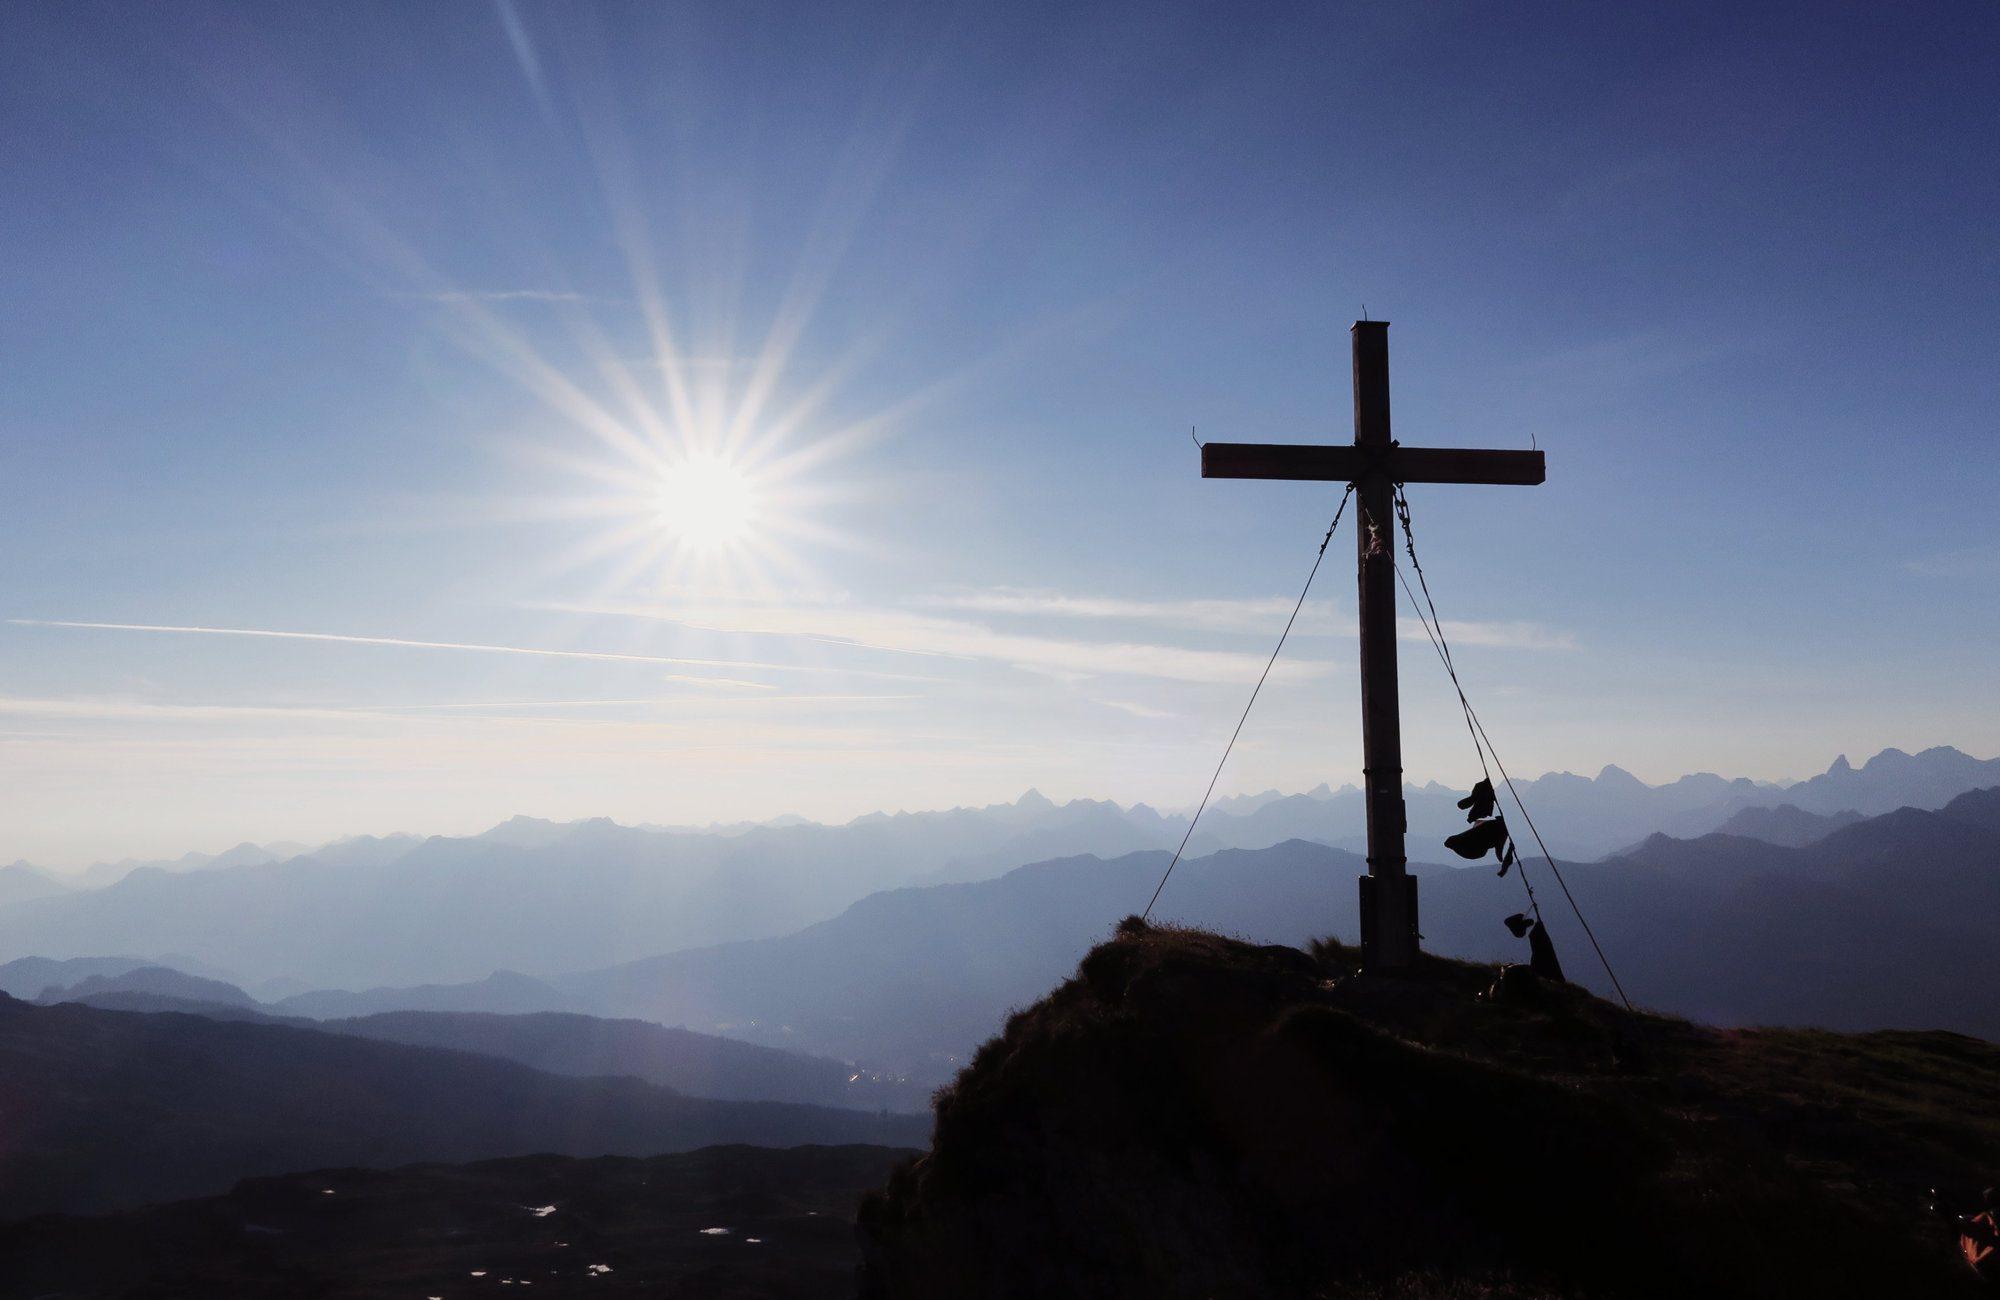 Gipfel des Hohen Ifen, Kleinwalsertal